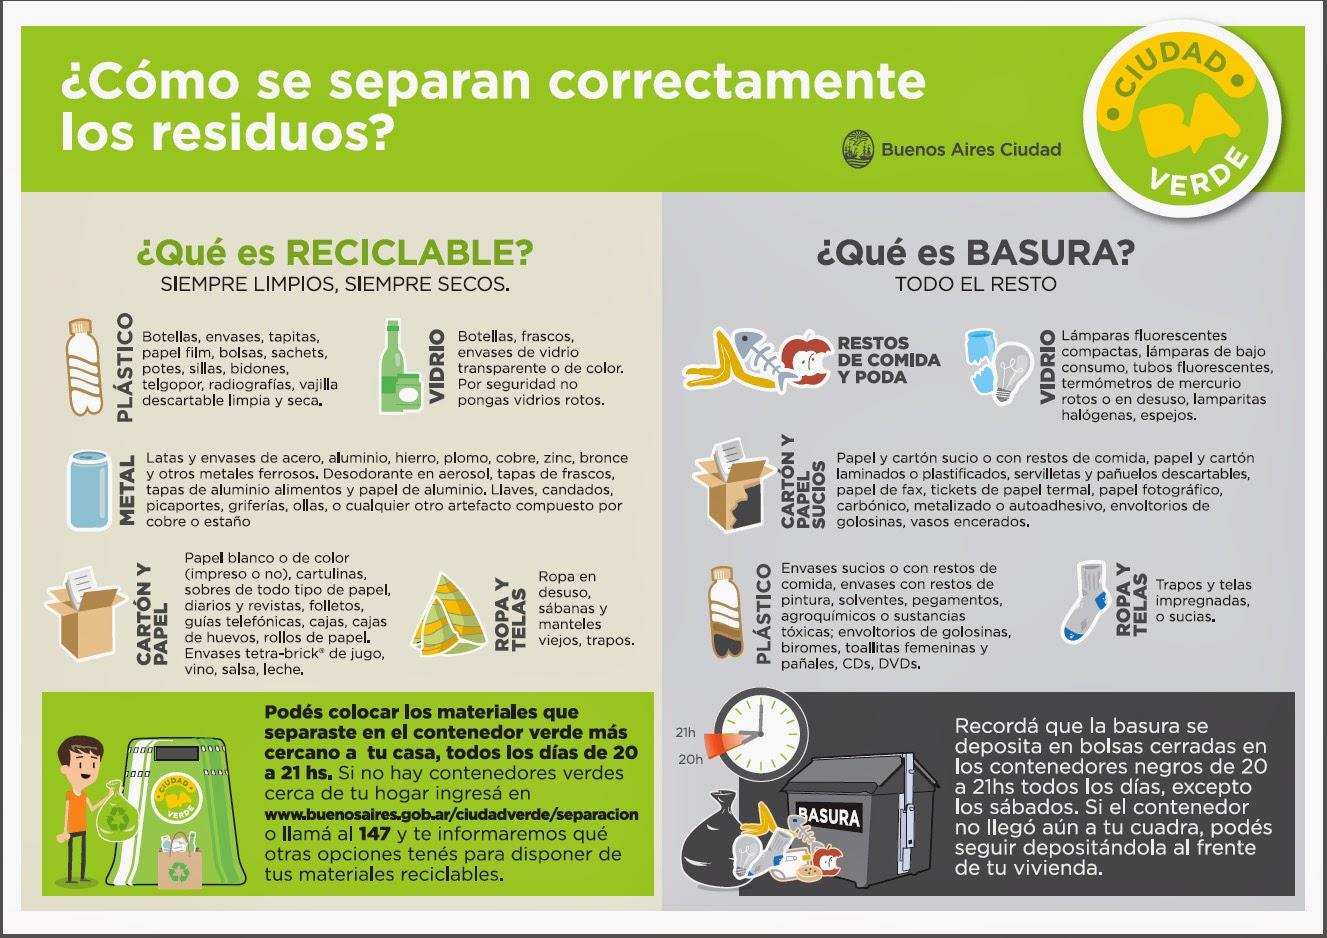 Cens n 28 blog institucional ecolog a y medio ambiente for Los nietos se separan